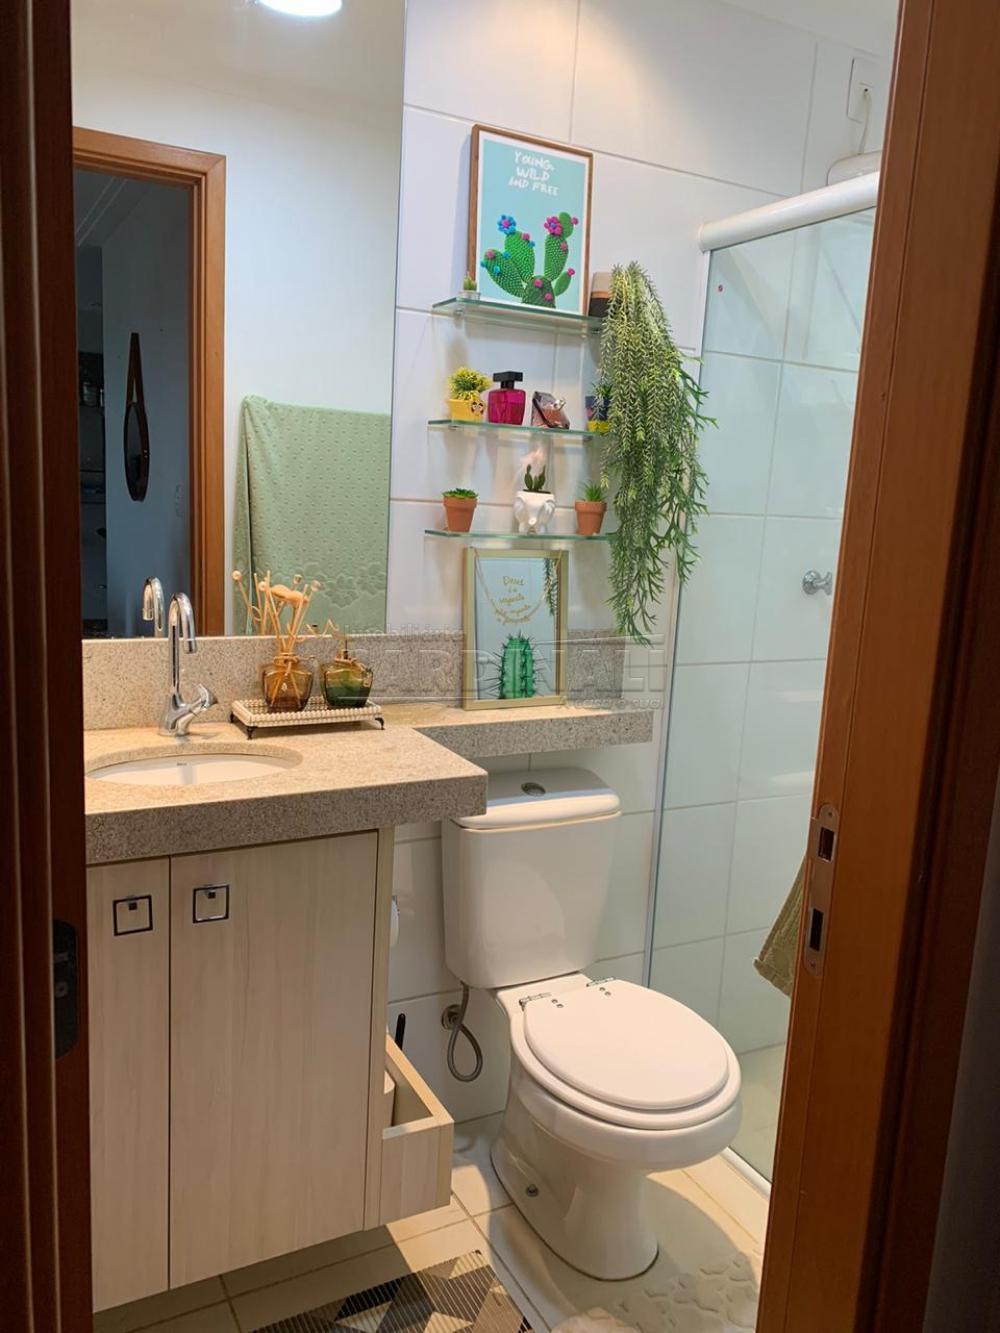 Comprar Apartamento / Padrão em São Carlos apenas R$ 455.000,00 - Foto 16